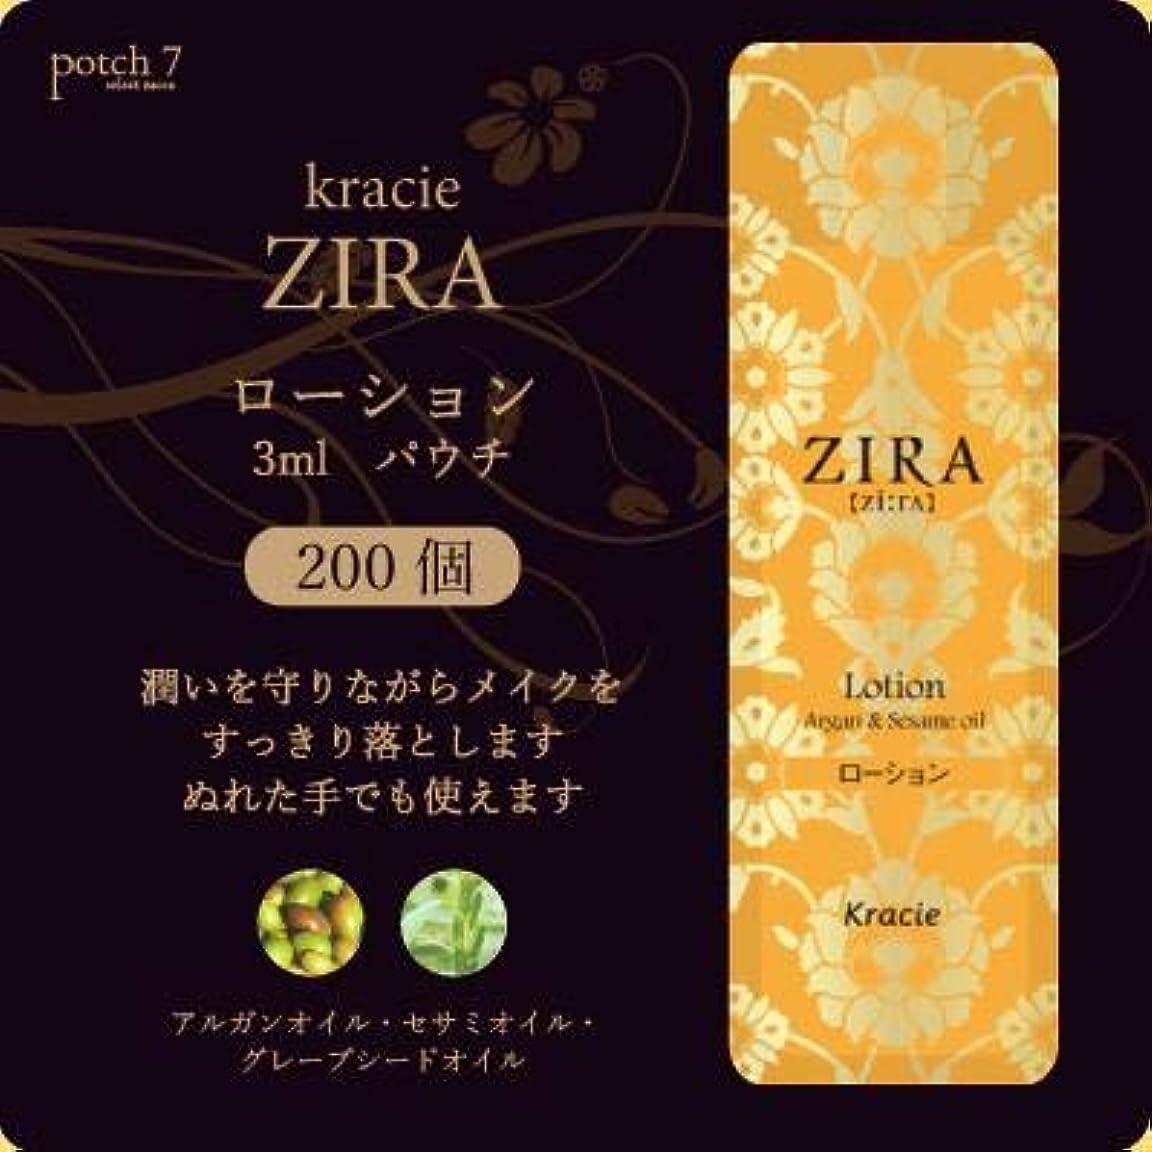 アデレード発行ちょっと待ってKracie クラシエ ZIRA ジーラ ローション 化粧水 パウチ 3ml 200個入